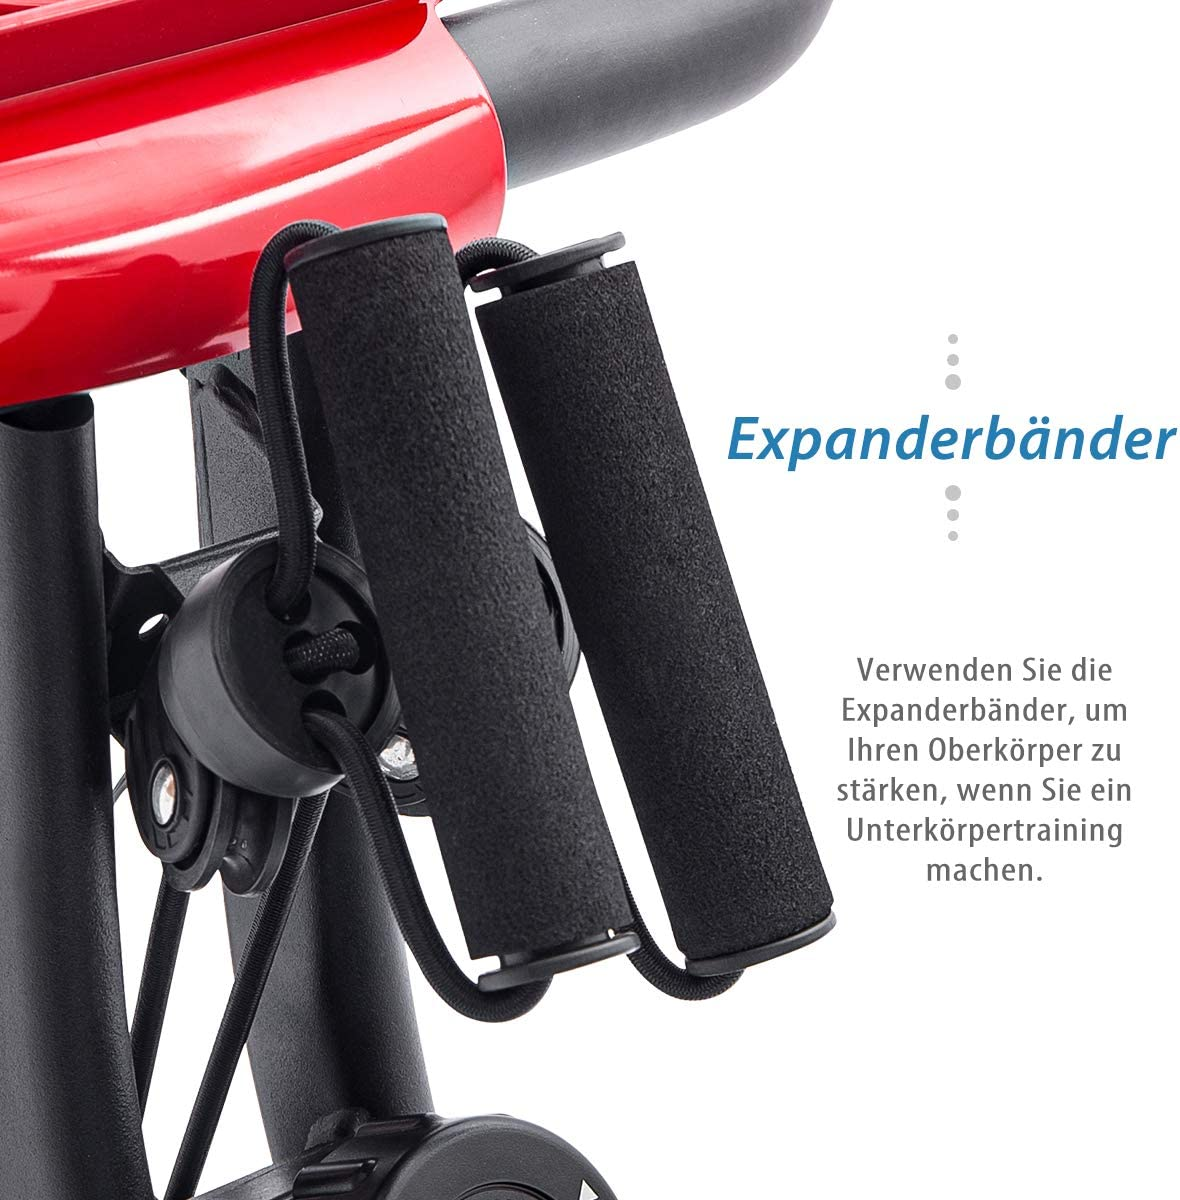 Merax Fitness Bike bicicleta est/ática con ordenador de entrenamiento y expansor de entrenamiento bicicleta plegable 10 niveles de resistencia magn/ética bicicleta de fitness plegable